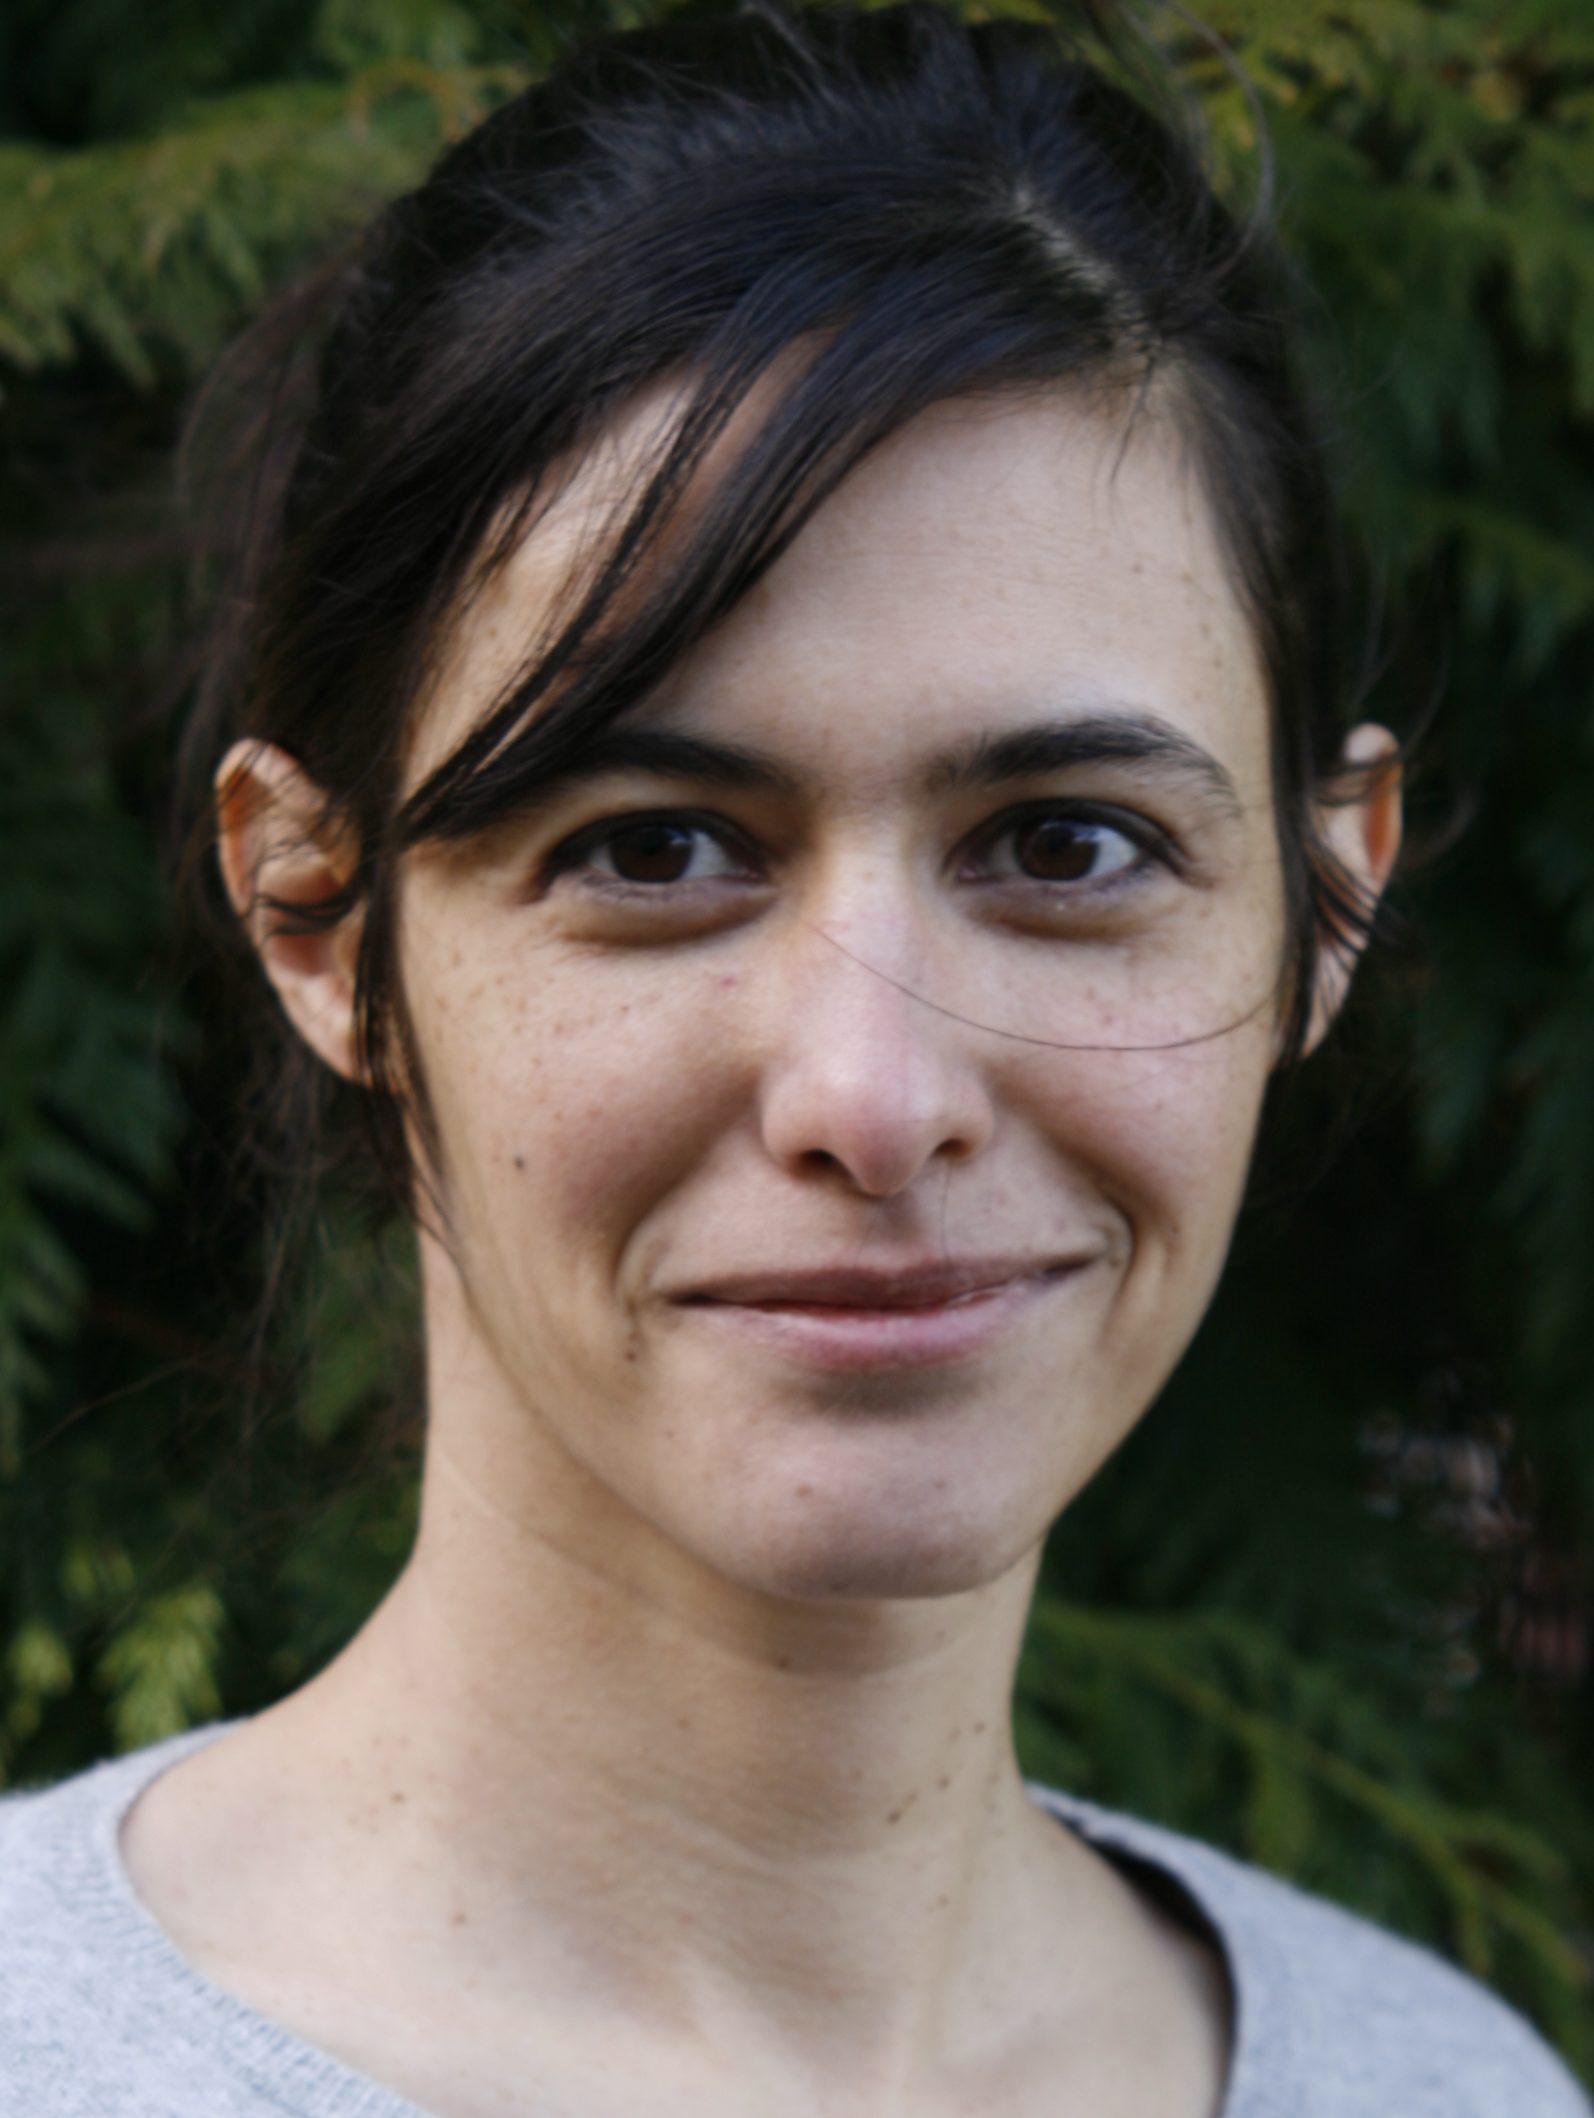 Camille Lefrançois-Coutant